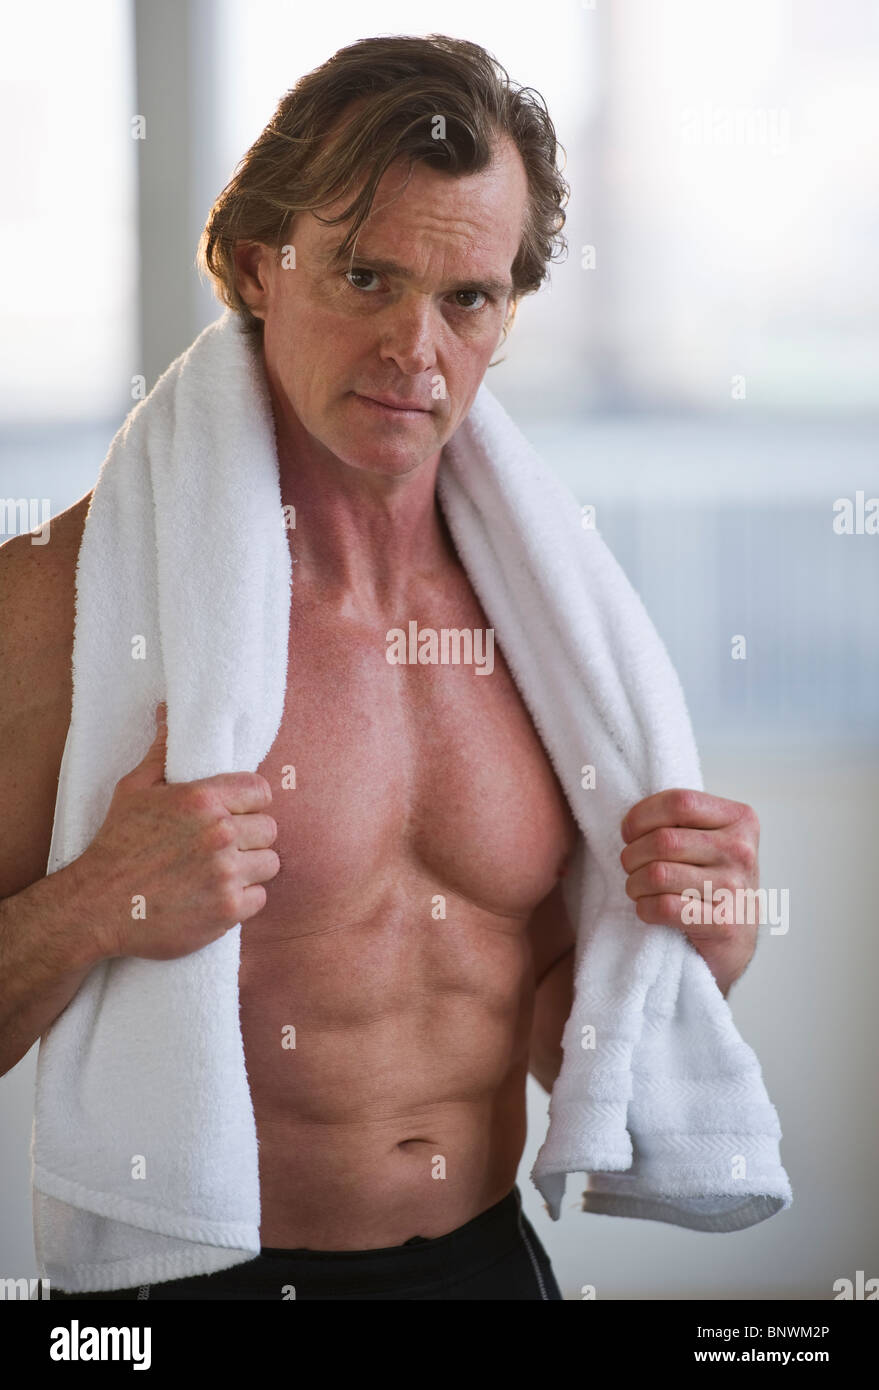 Mature men shirtless